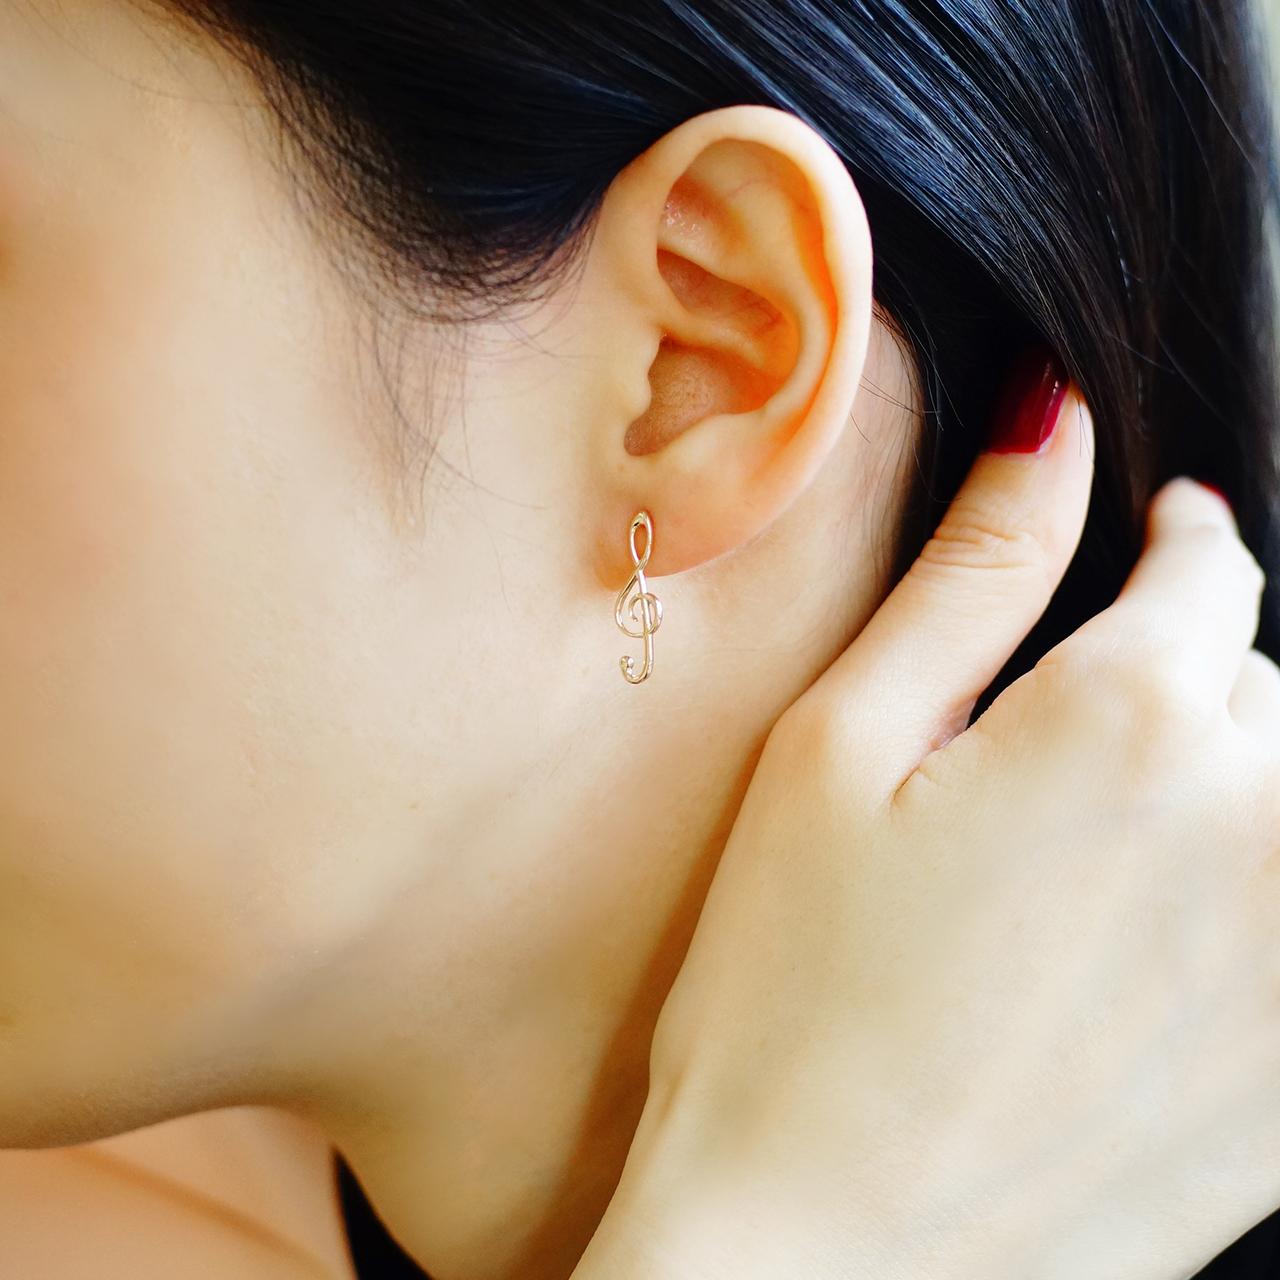 Silver / ピアス (両耳) / ト音記号スタッドピアス